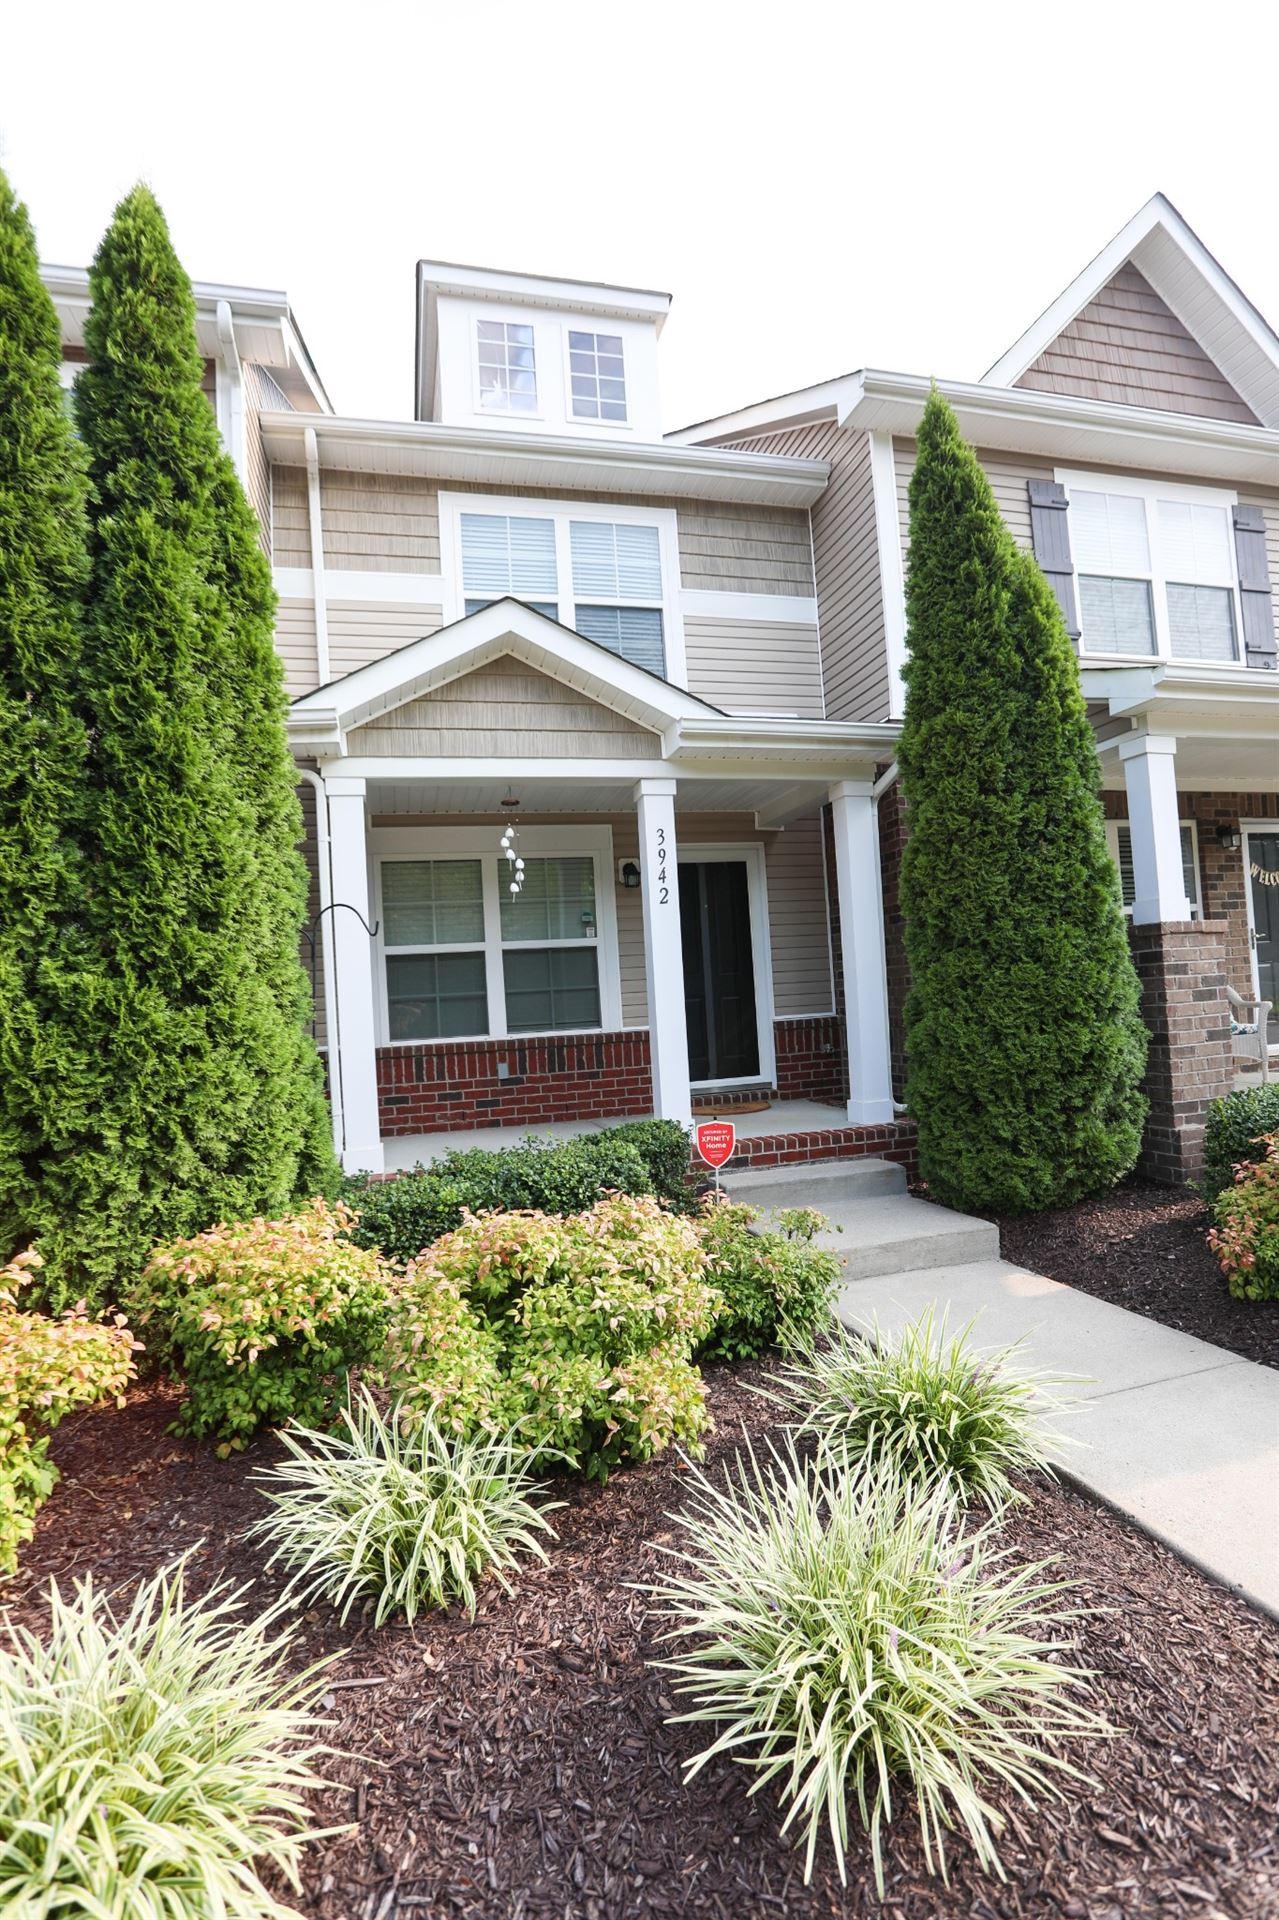 3942 Hoggett Ford Rd, Hermitage, TN 37076 - MLS#: 2278666